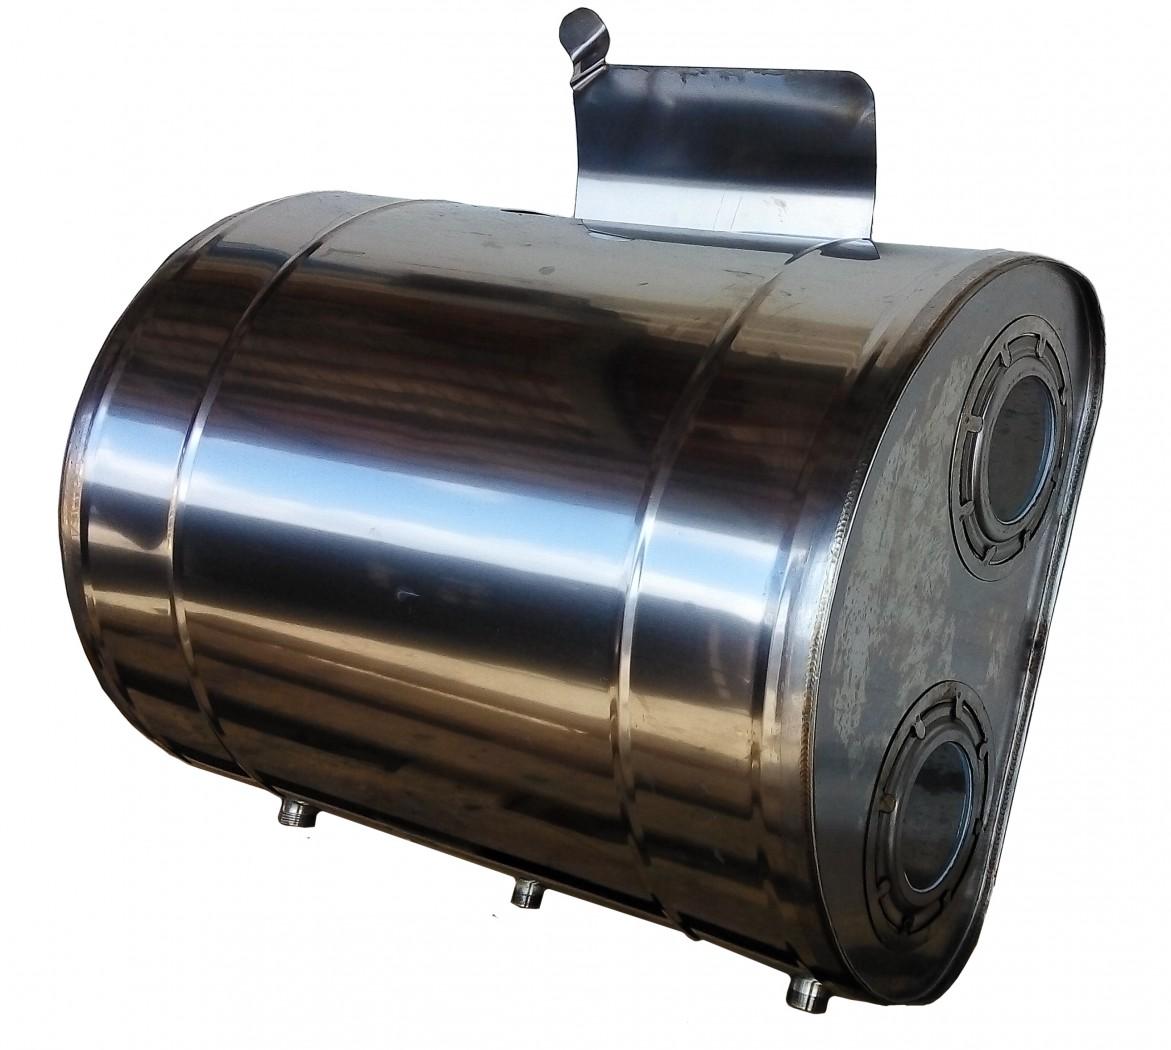 Теплообменник бытовые красноярск купить битермический теплообменник для газового котла ferroli domiproject 24c